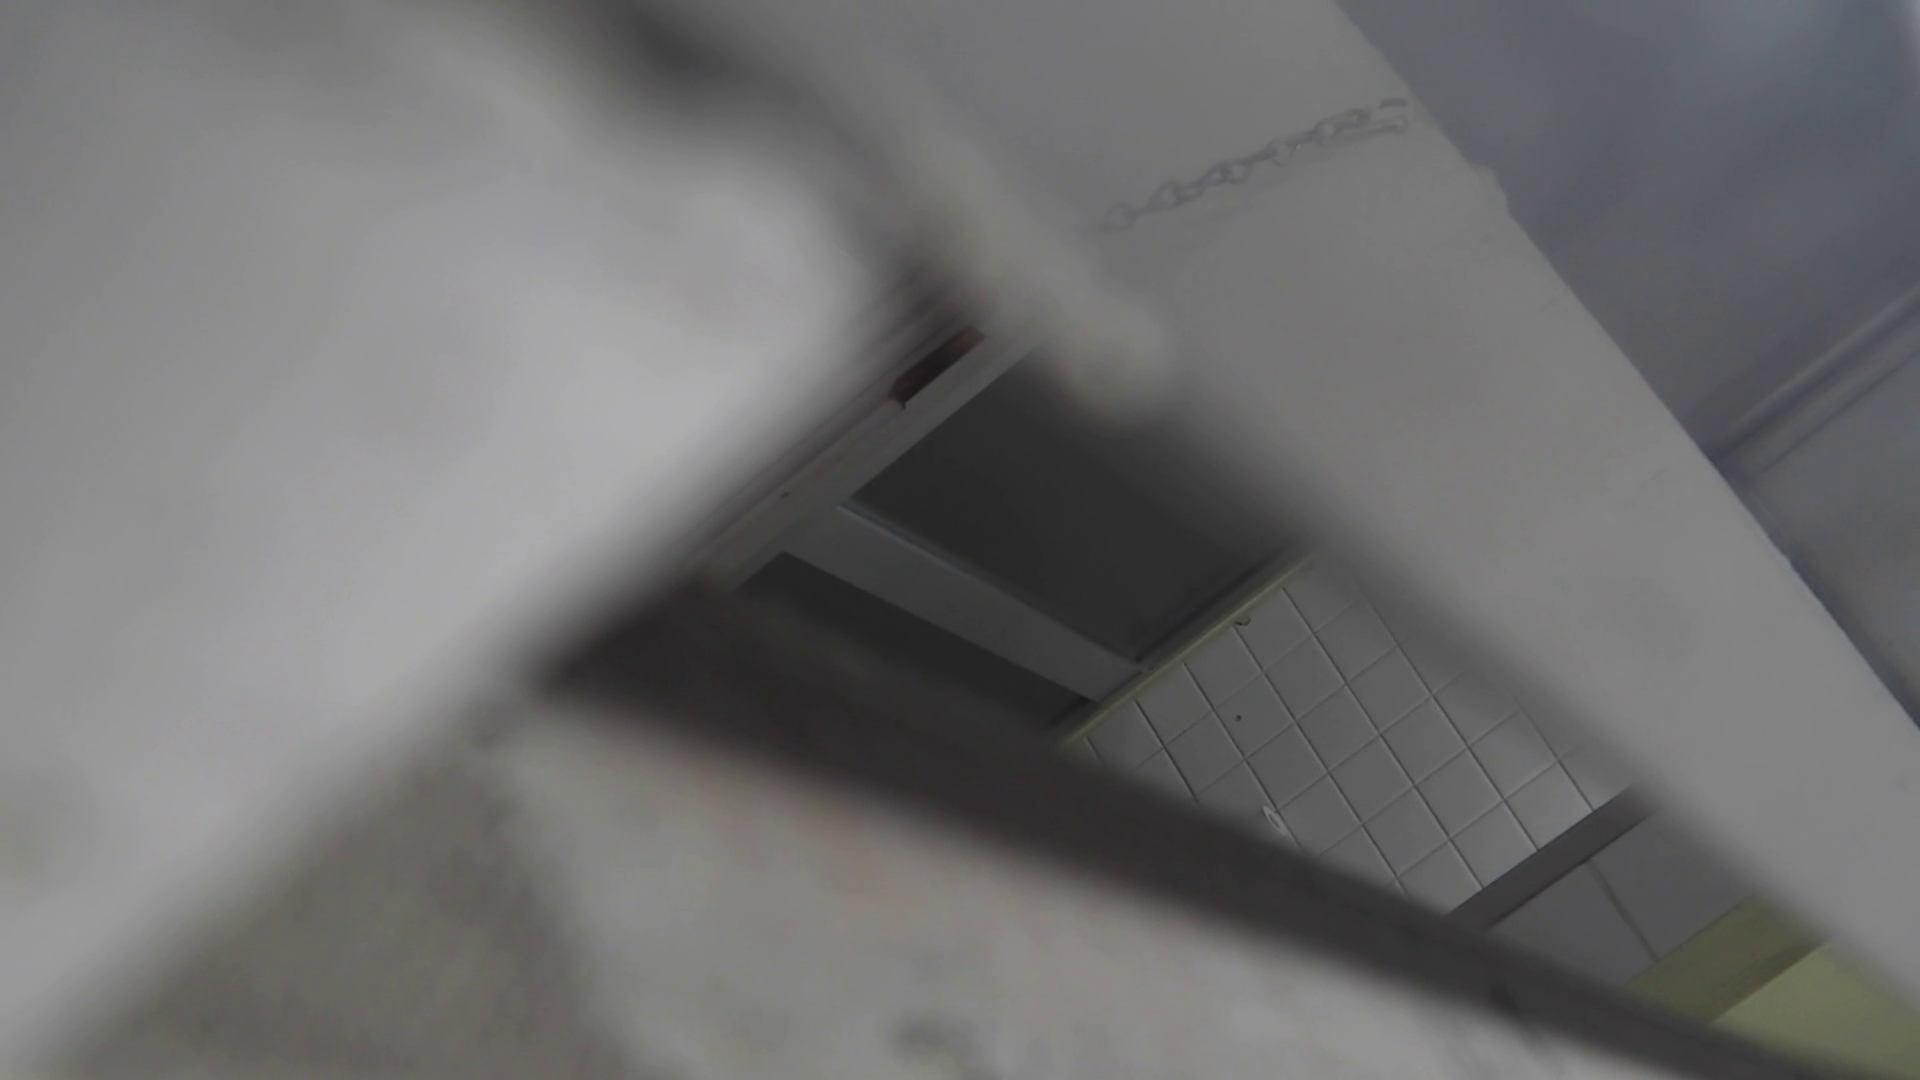 洗面所特攻隊 vol.020 びにょ~ん 洗面所着替え   OL  65連発 11